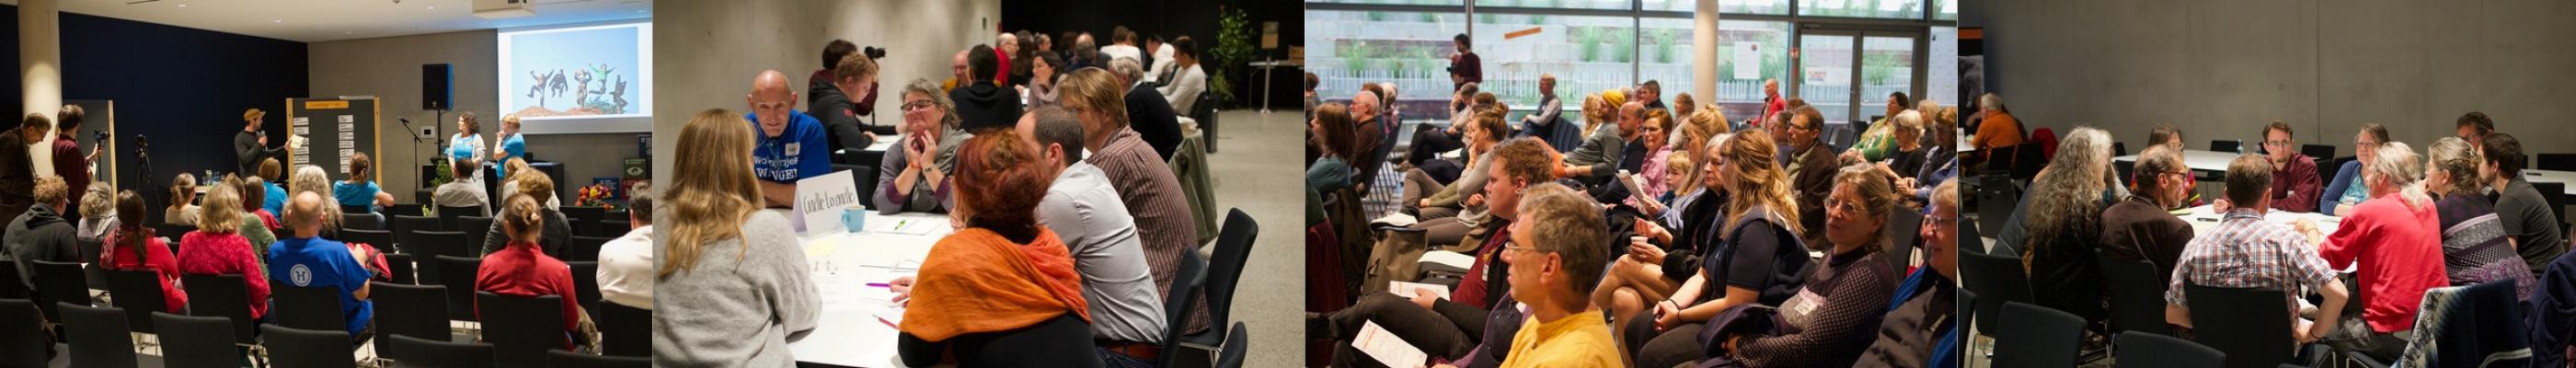 Mitmachkonferenzen